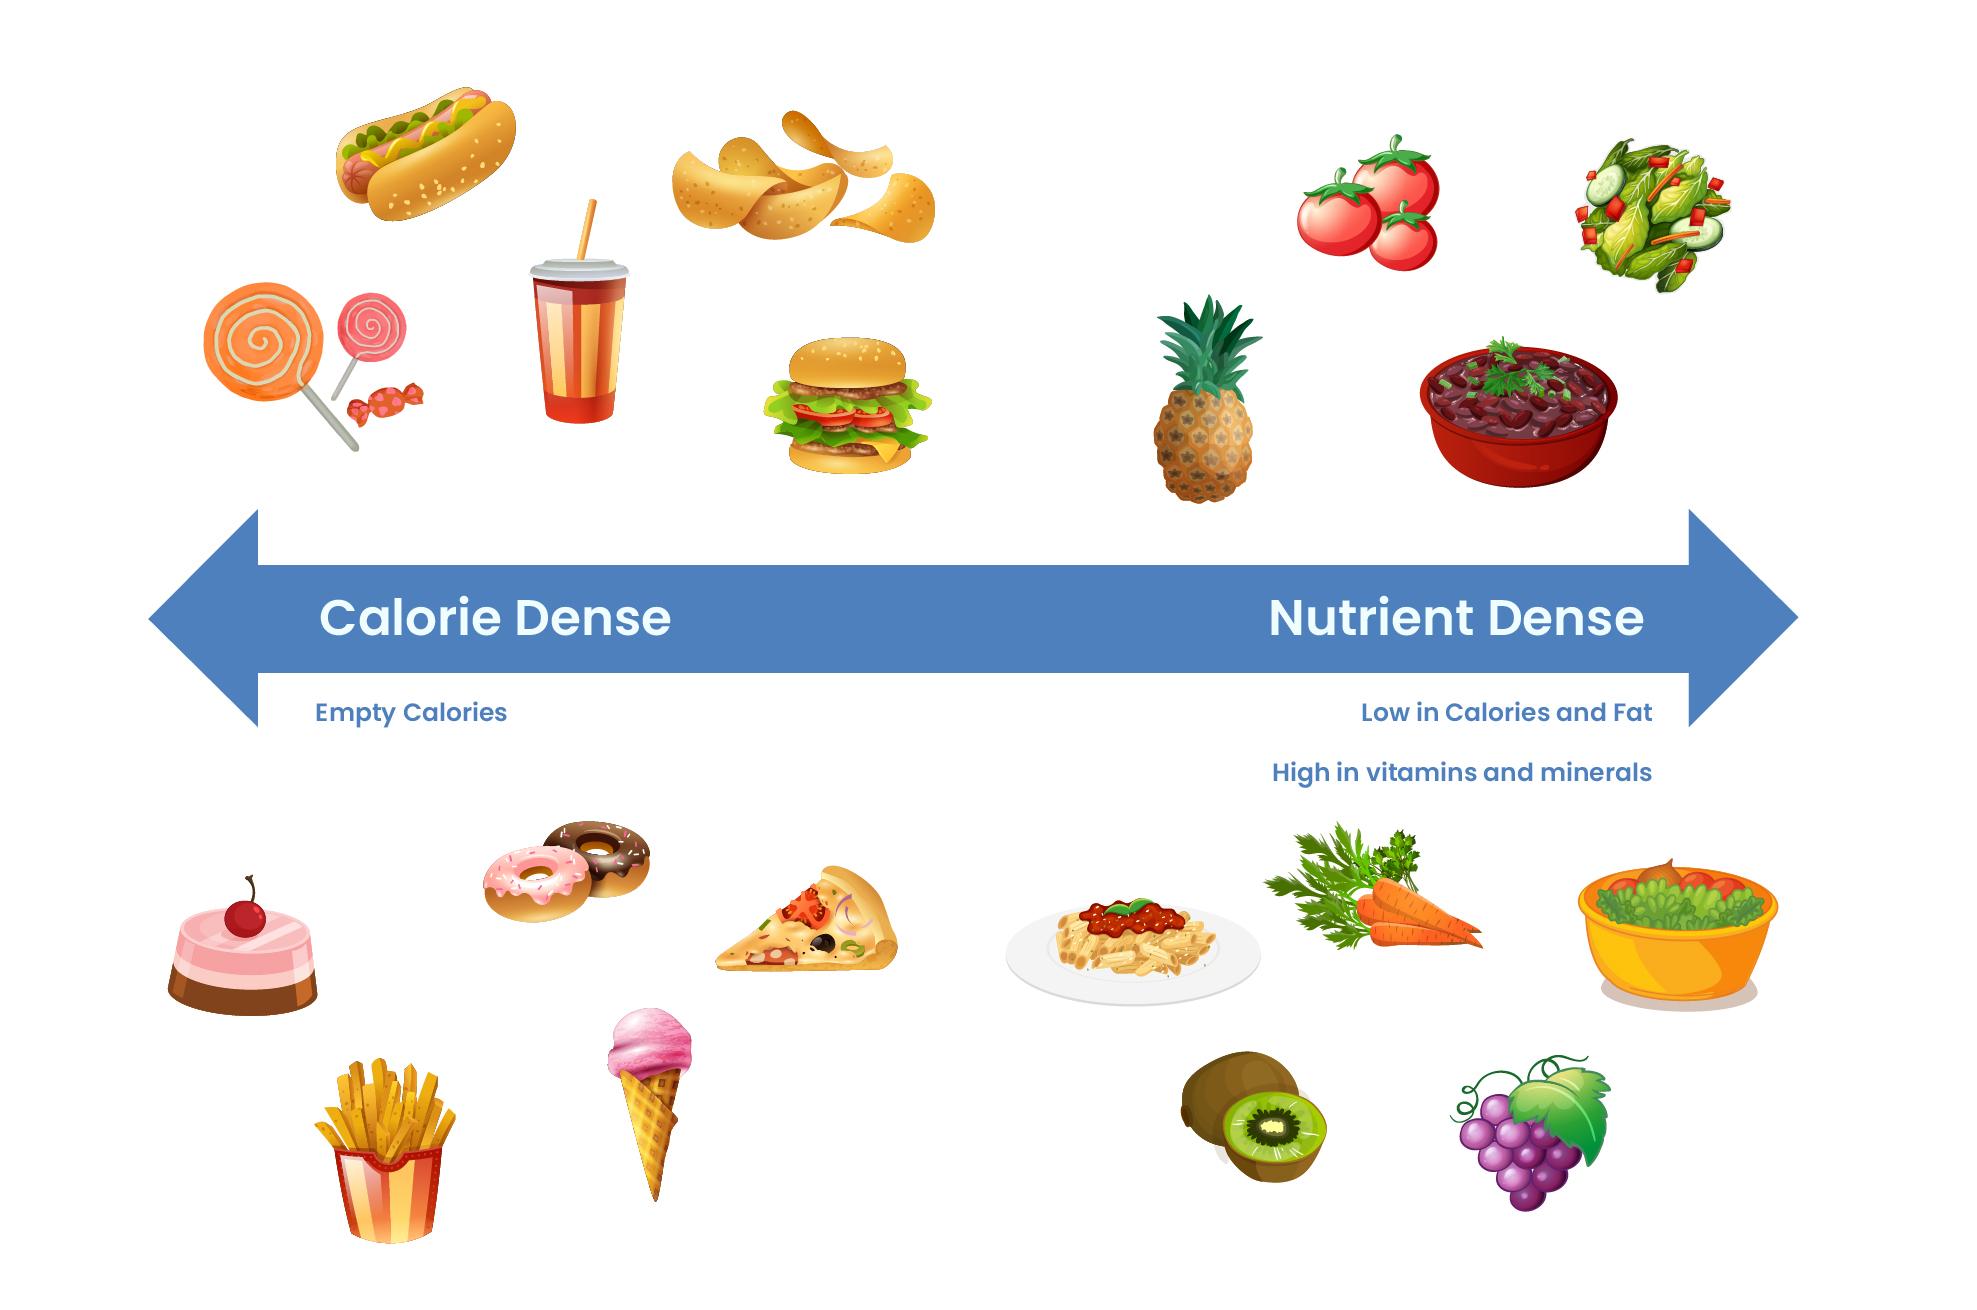 Food Spectrum: Calorie Dense VS Nutrient Dense Foods